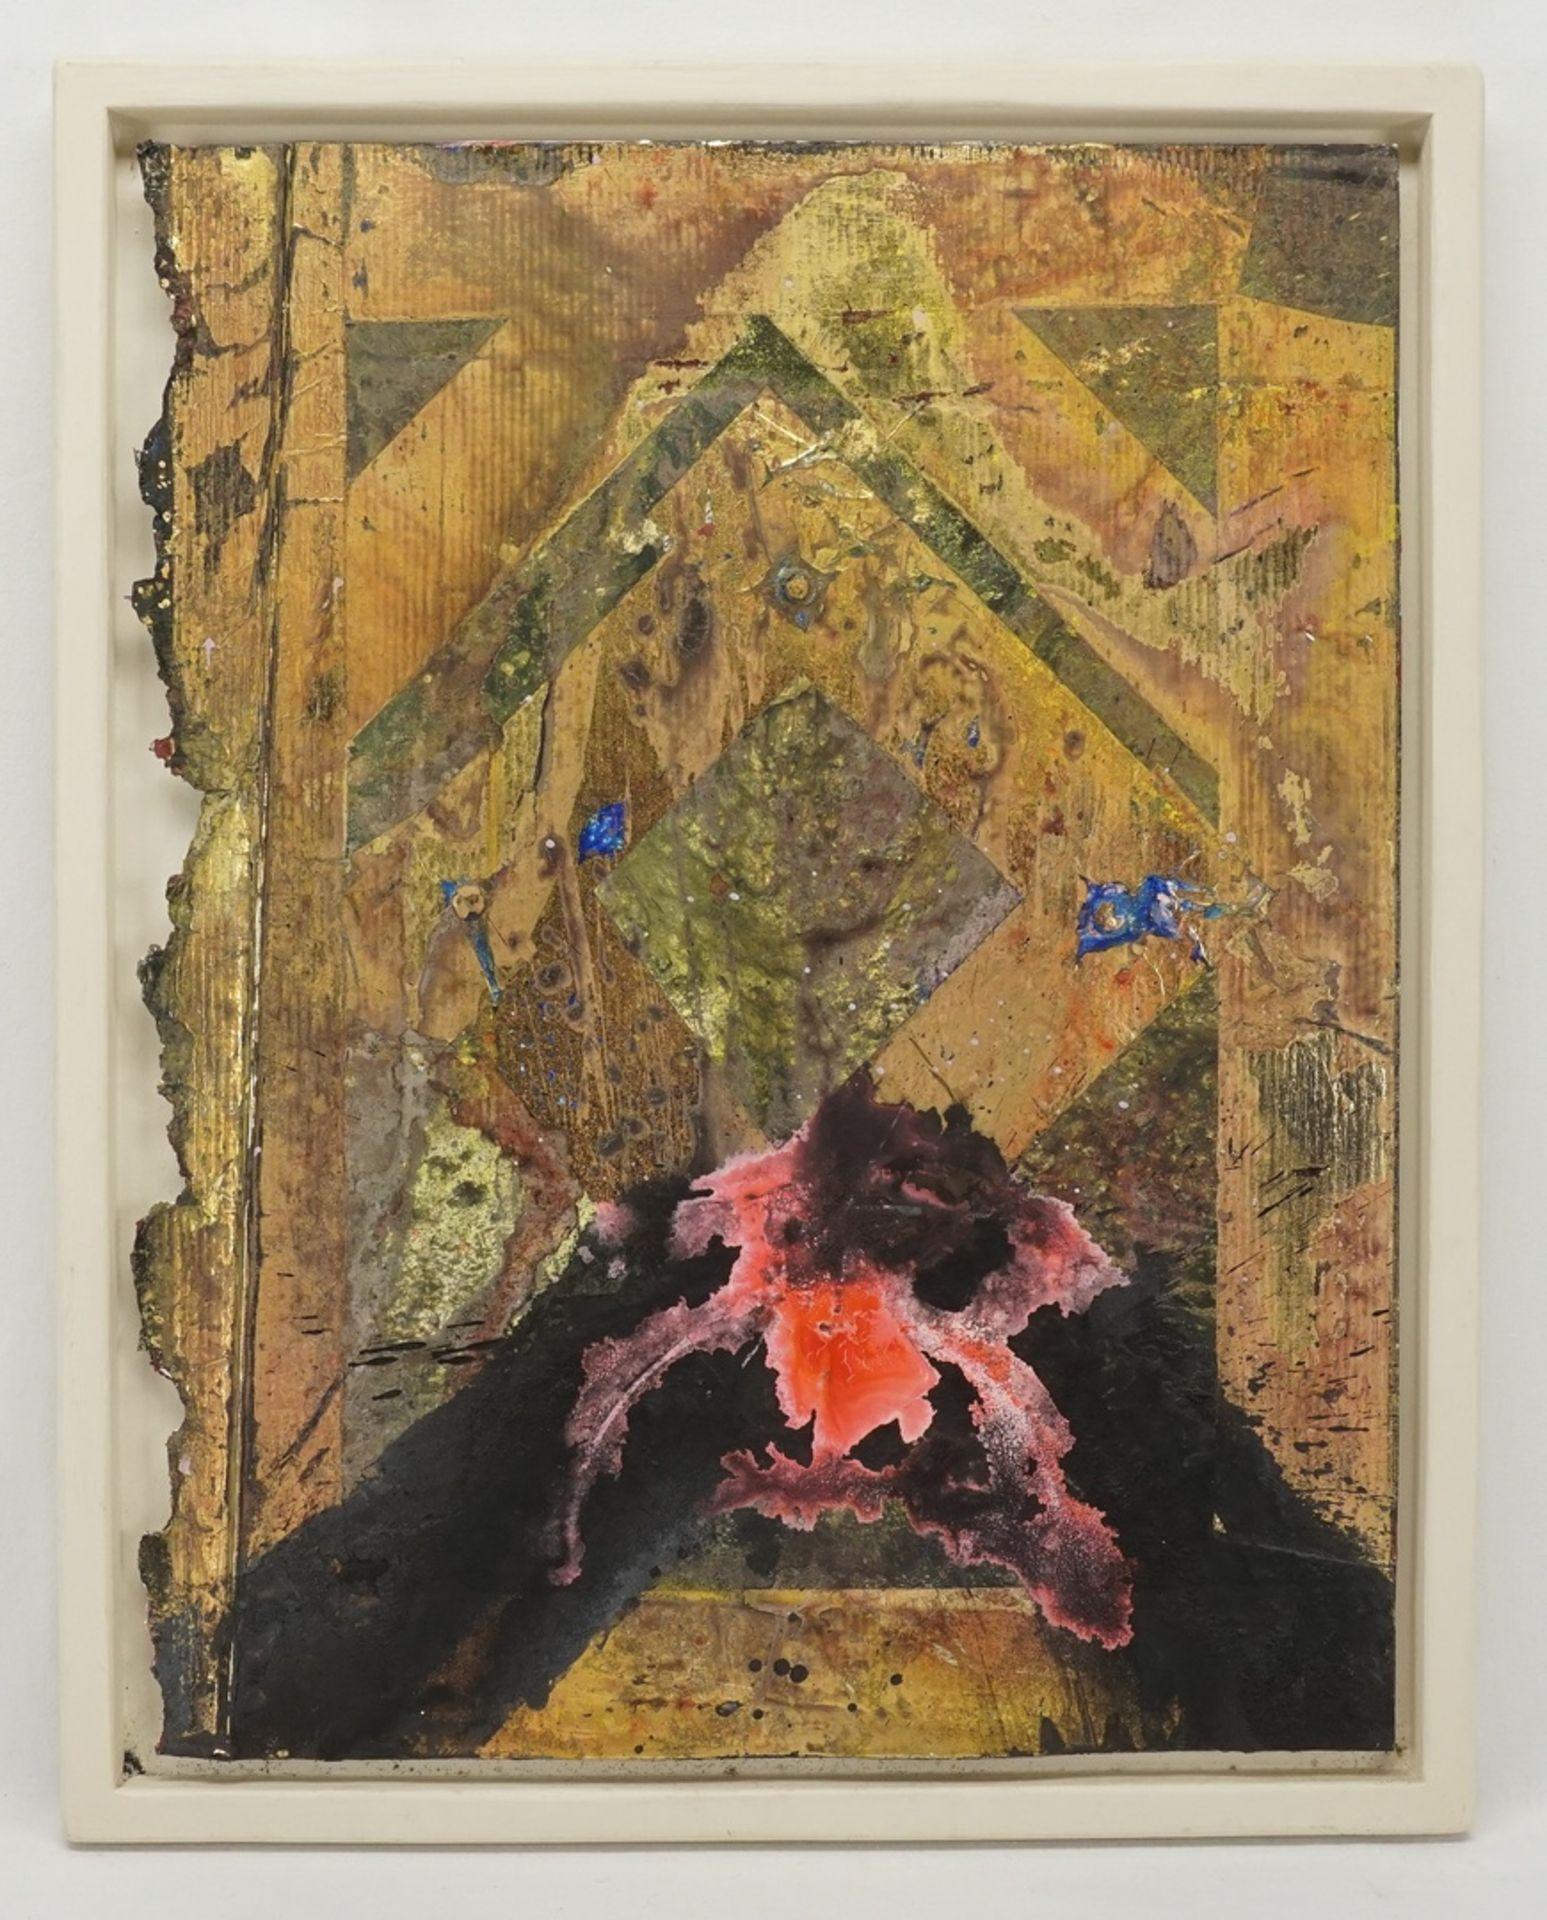 Géza Mészáros, Farbobjekt - Bild 2 aus 4